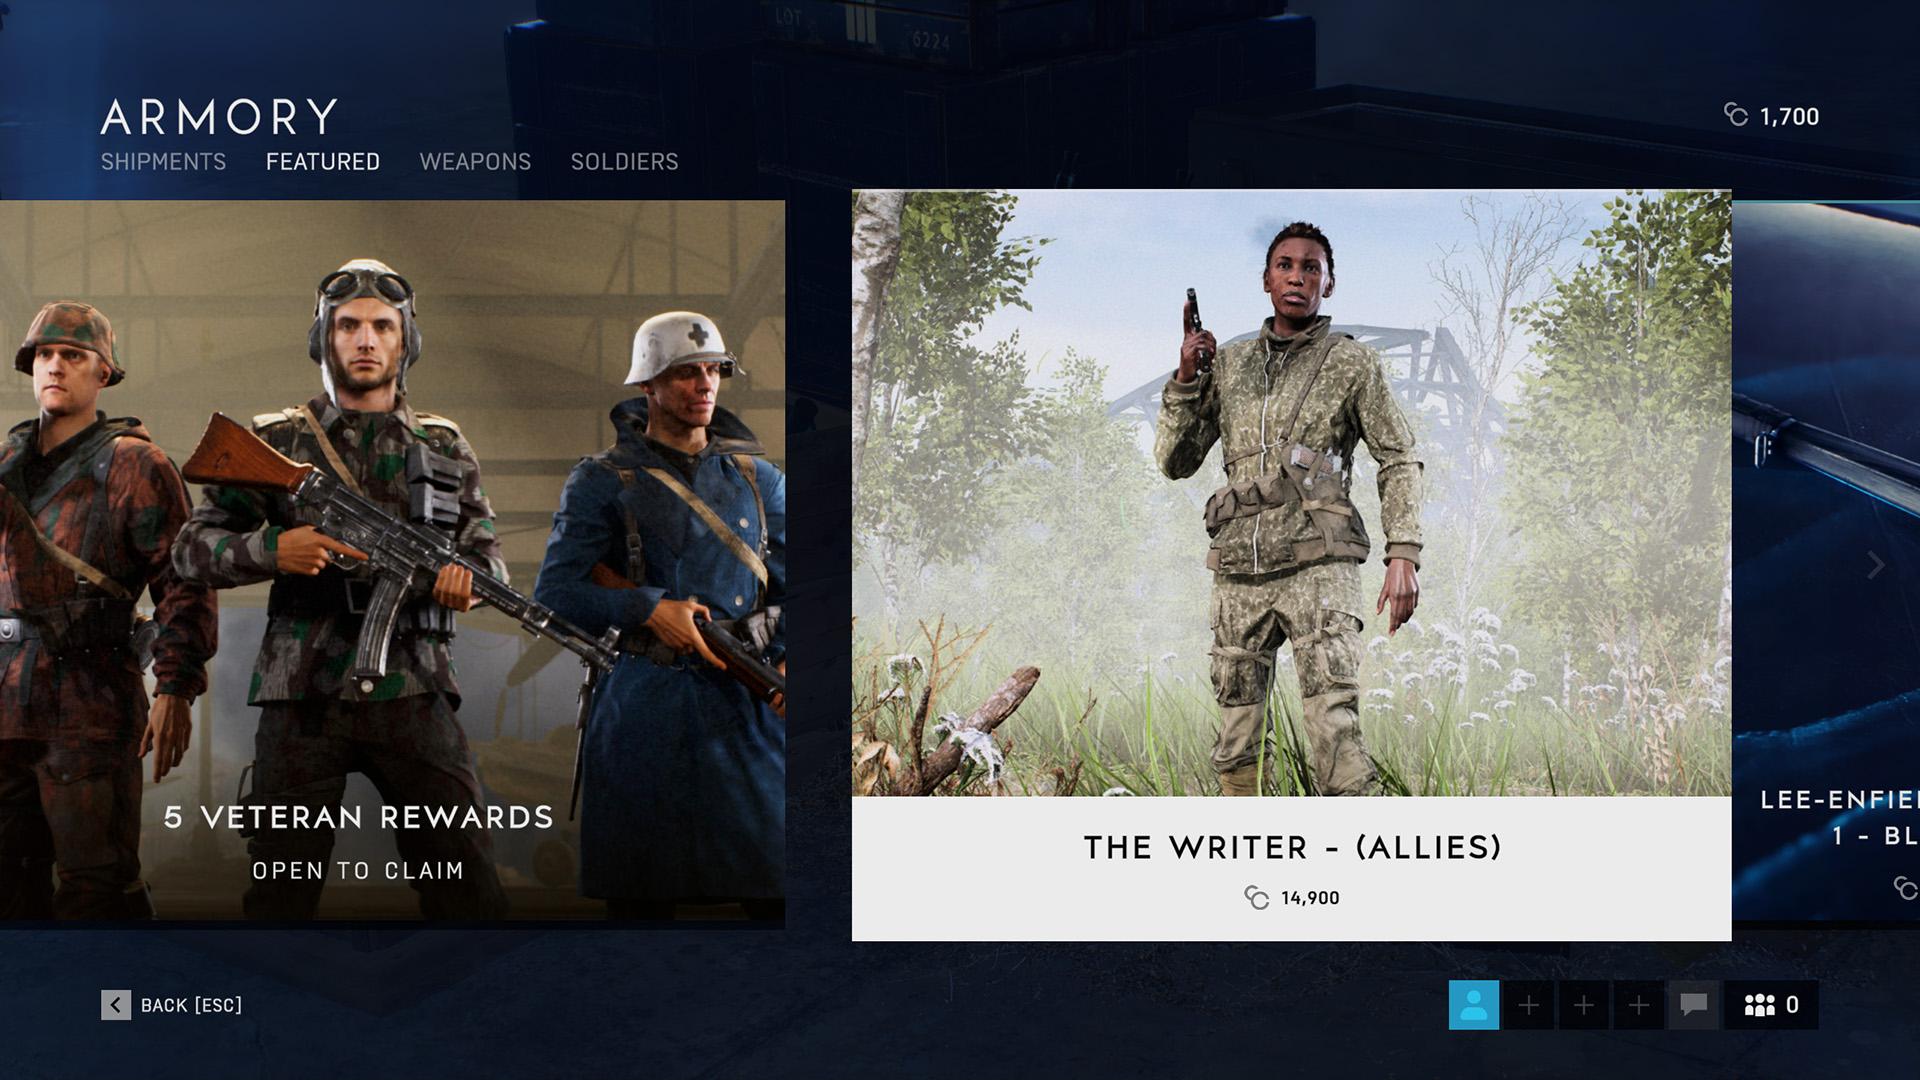 Battlefield V Screenshot 2018_0031_Battlefield V Screenshot 2018.11.11 - 20.30.36.13.jpg